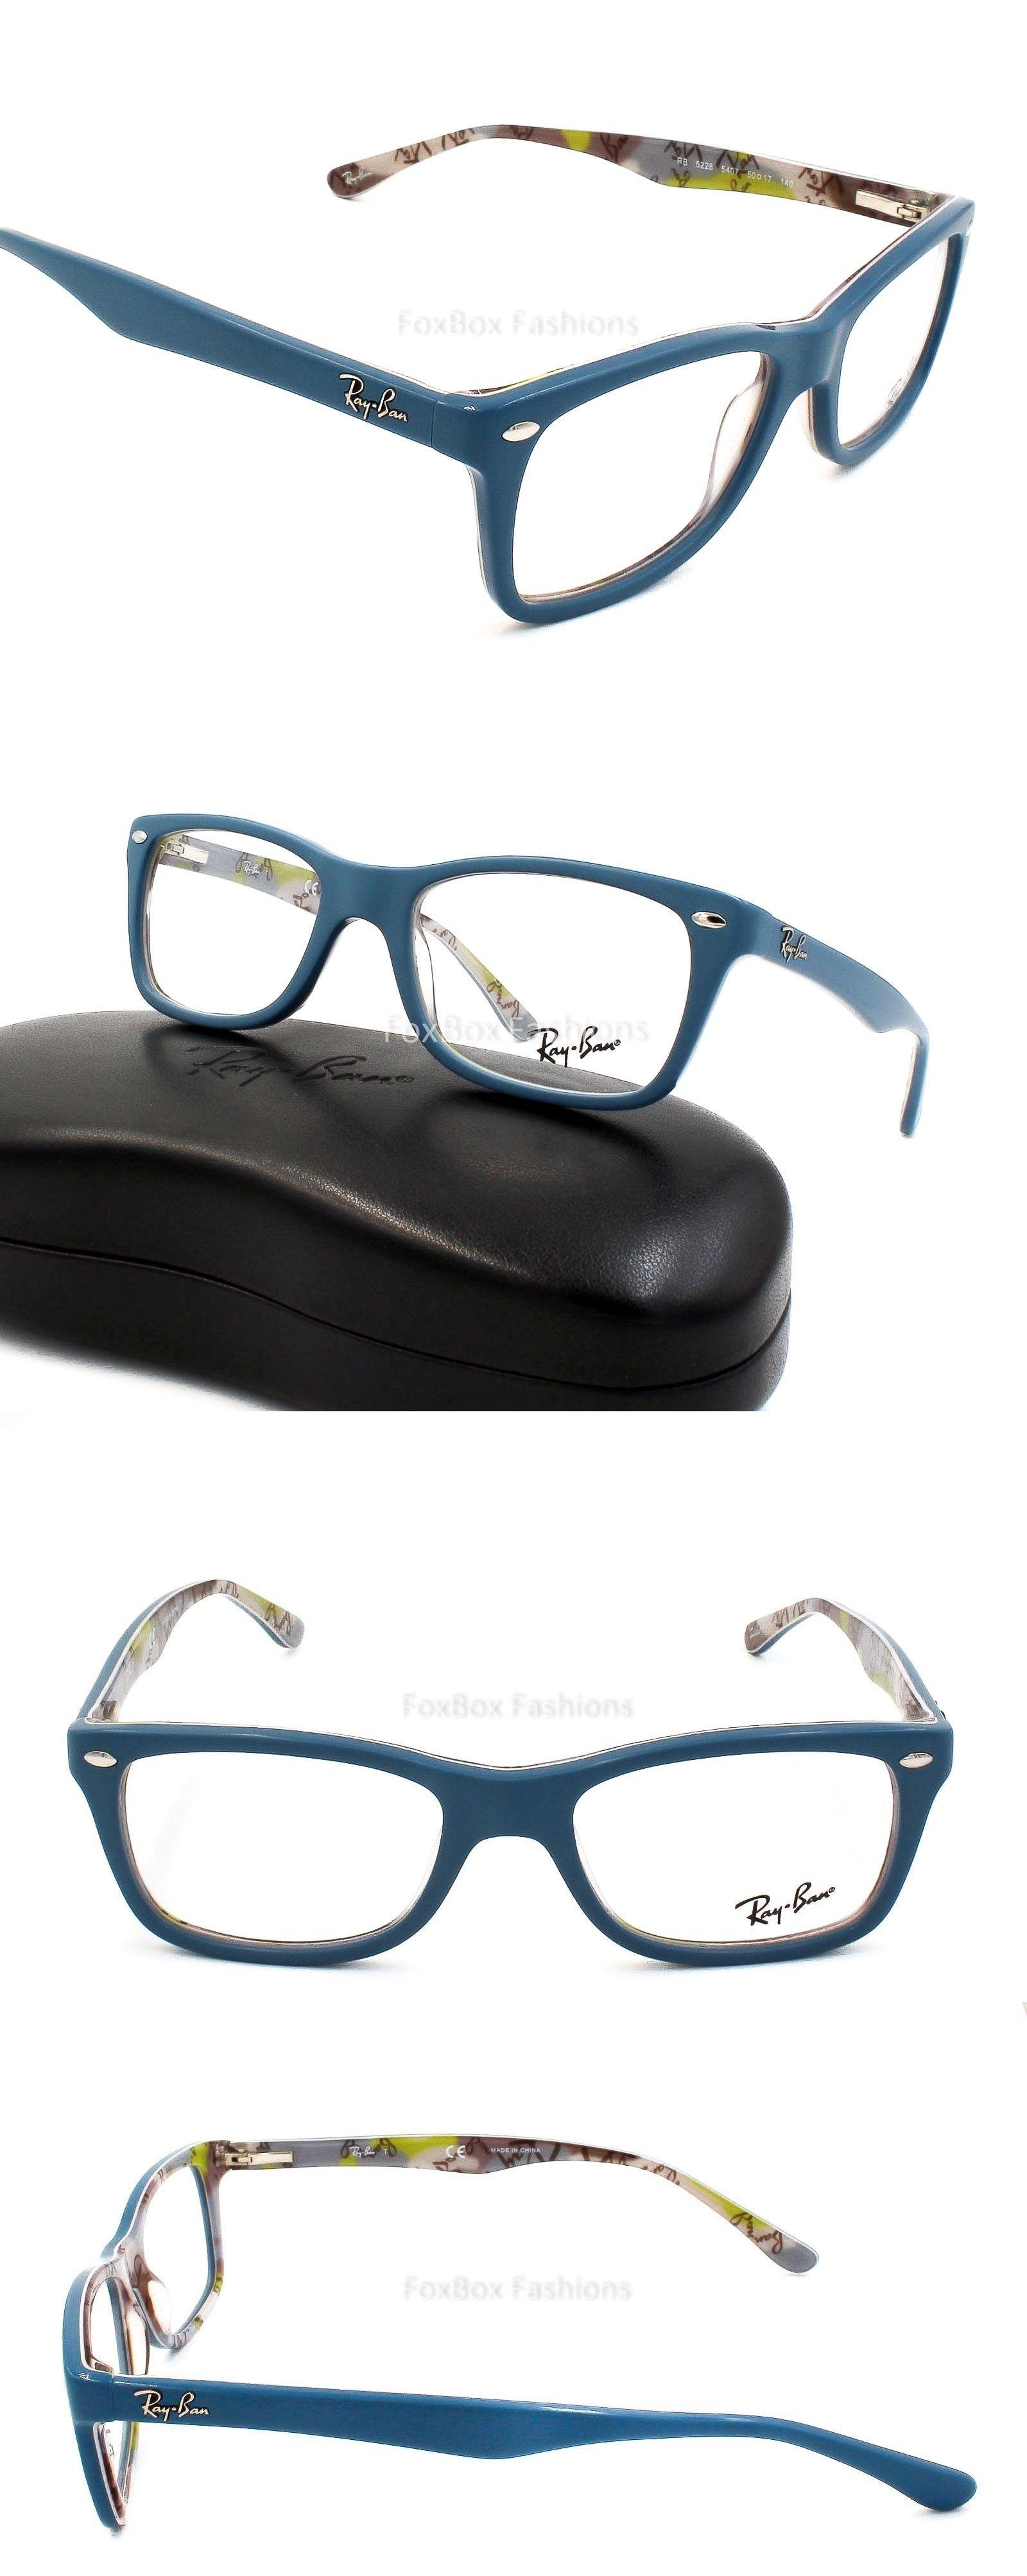 6900280c062 Eyeglass Frames  Ray-Ban Rb 5228 5407 Eyeglasses Optical Frames Glasses  Blue Multi 50Mm -  BUY IT NOW ONLY   68.95 on eBay!